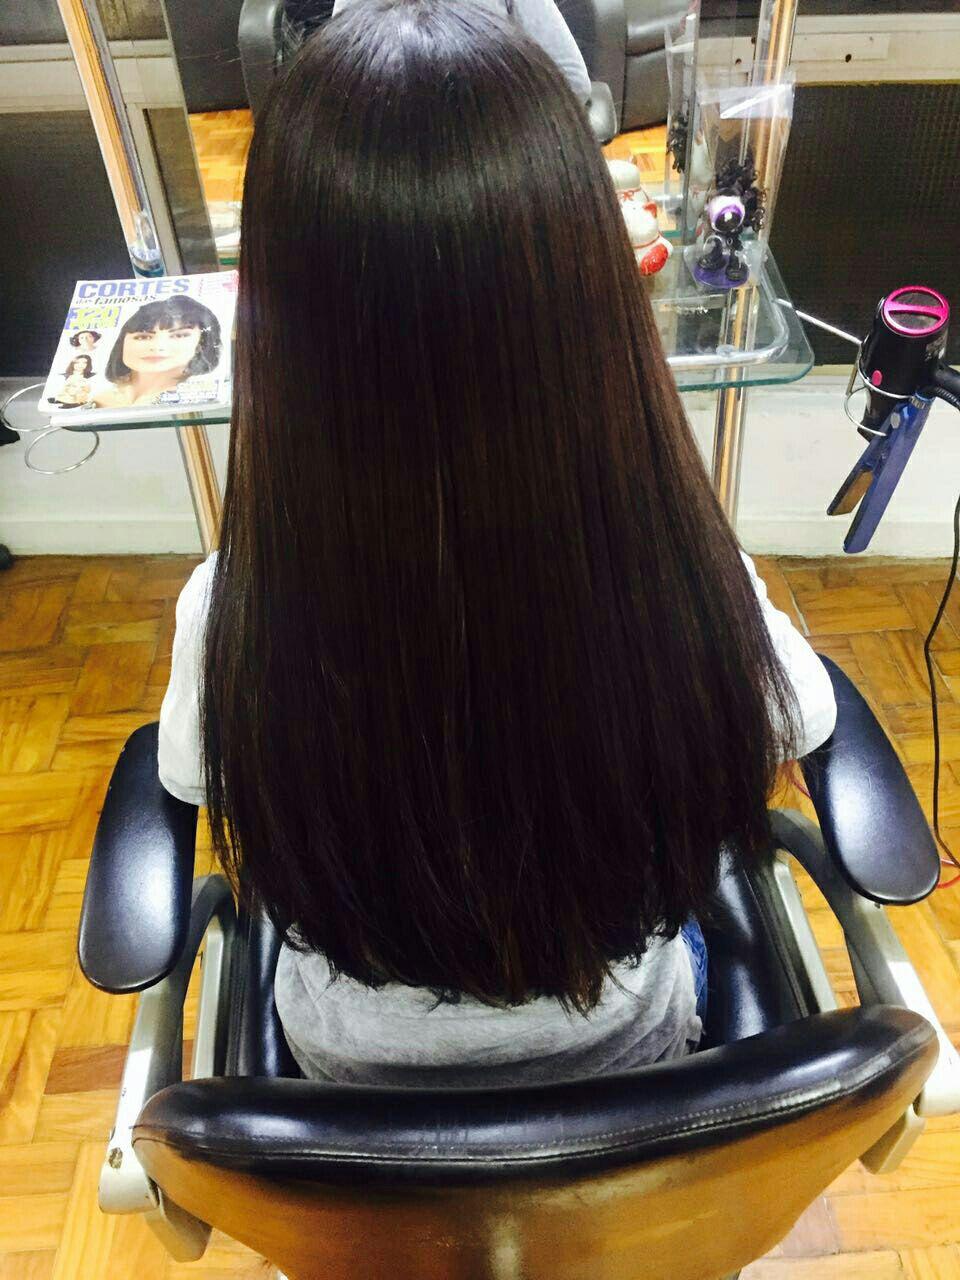 Escova em cabelo volumoso e ondulado cabelo estudante (cabeleireiro) estudante (cabeleireiro) estudante (cabeleireiro) estudante (cabeleireiro) estudante (cabeleireiro) estudante (cabeleireiro) estudante (cabeleireiro) estudante (cabeleireiro) estudante (cabeleireiro) estudante (cabeleireiro)